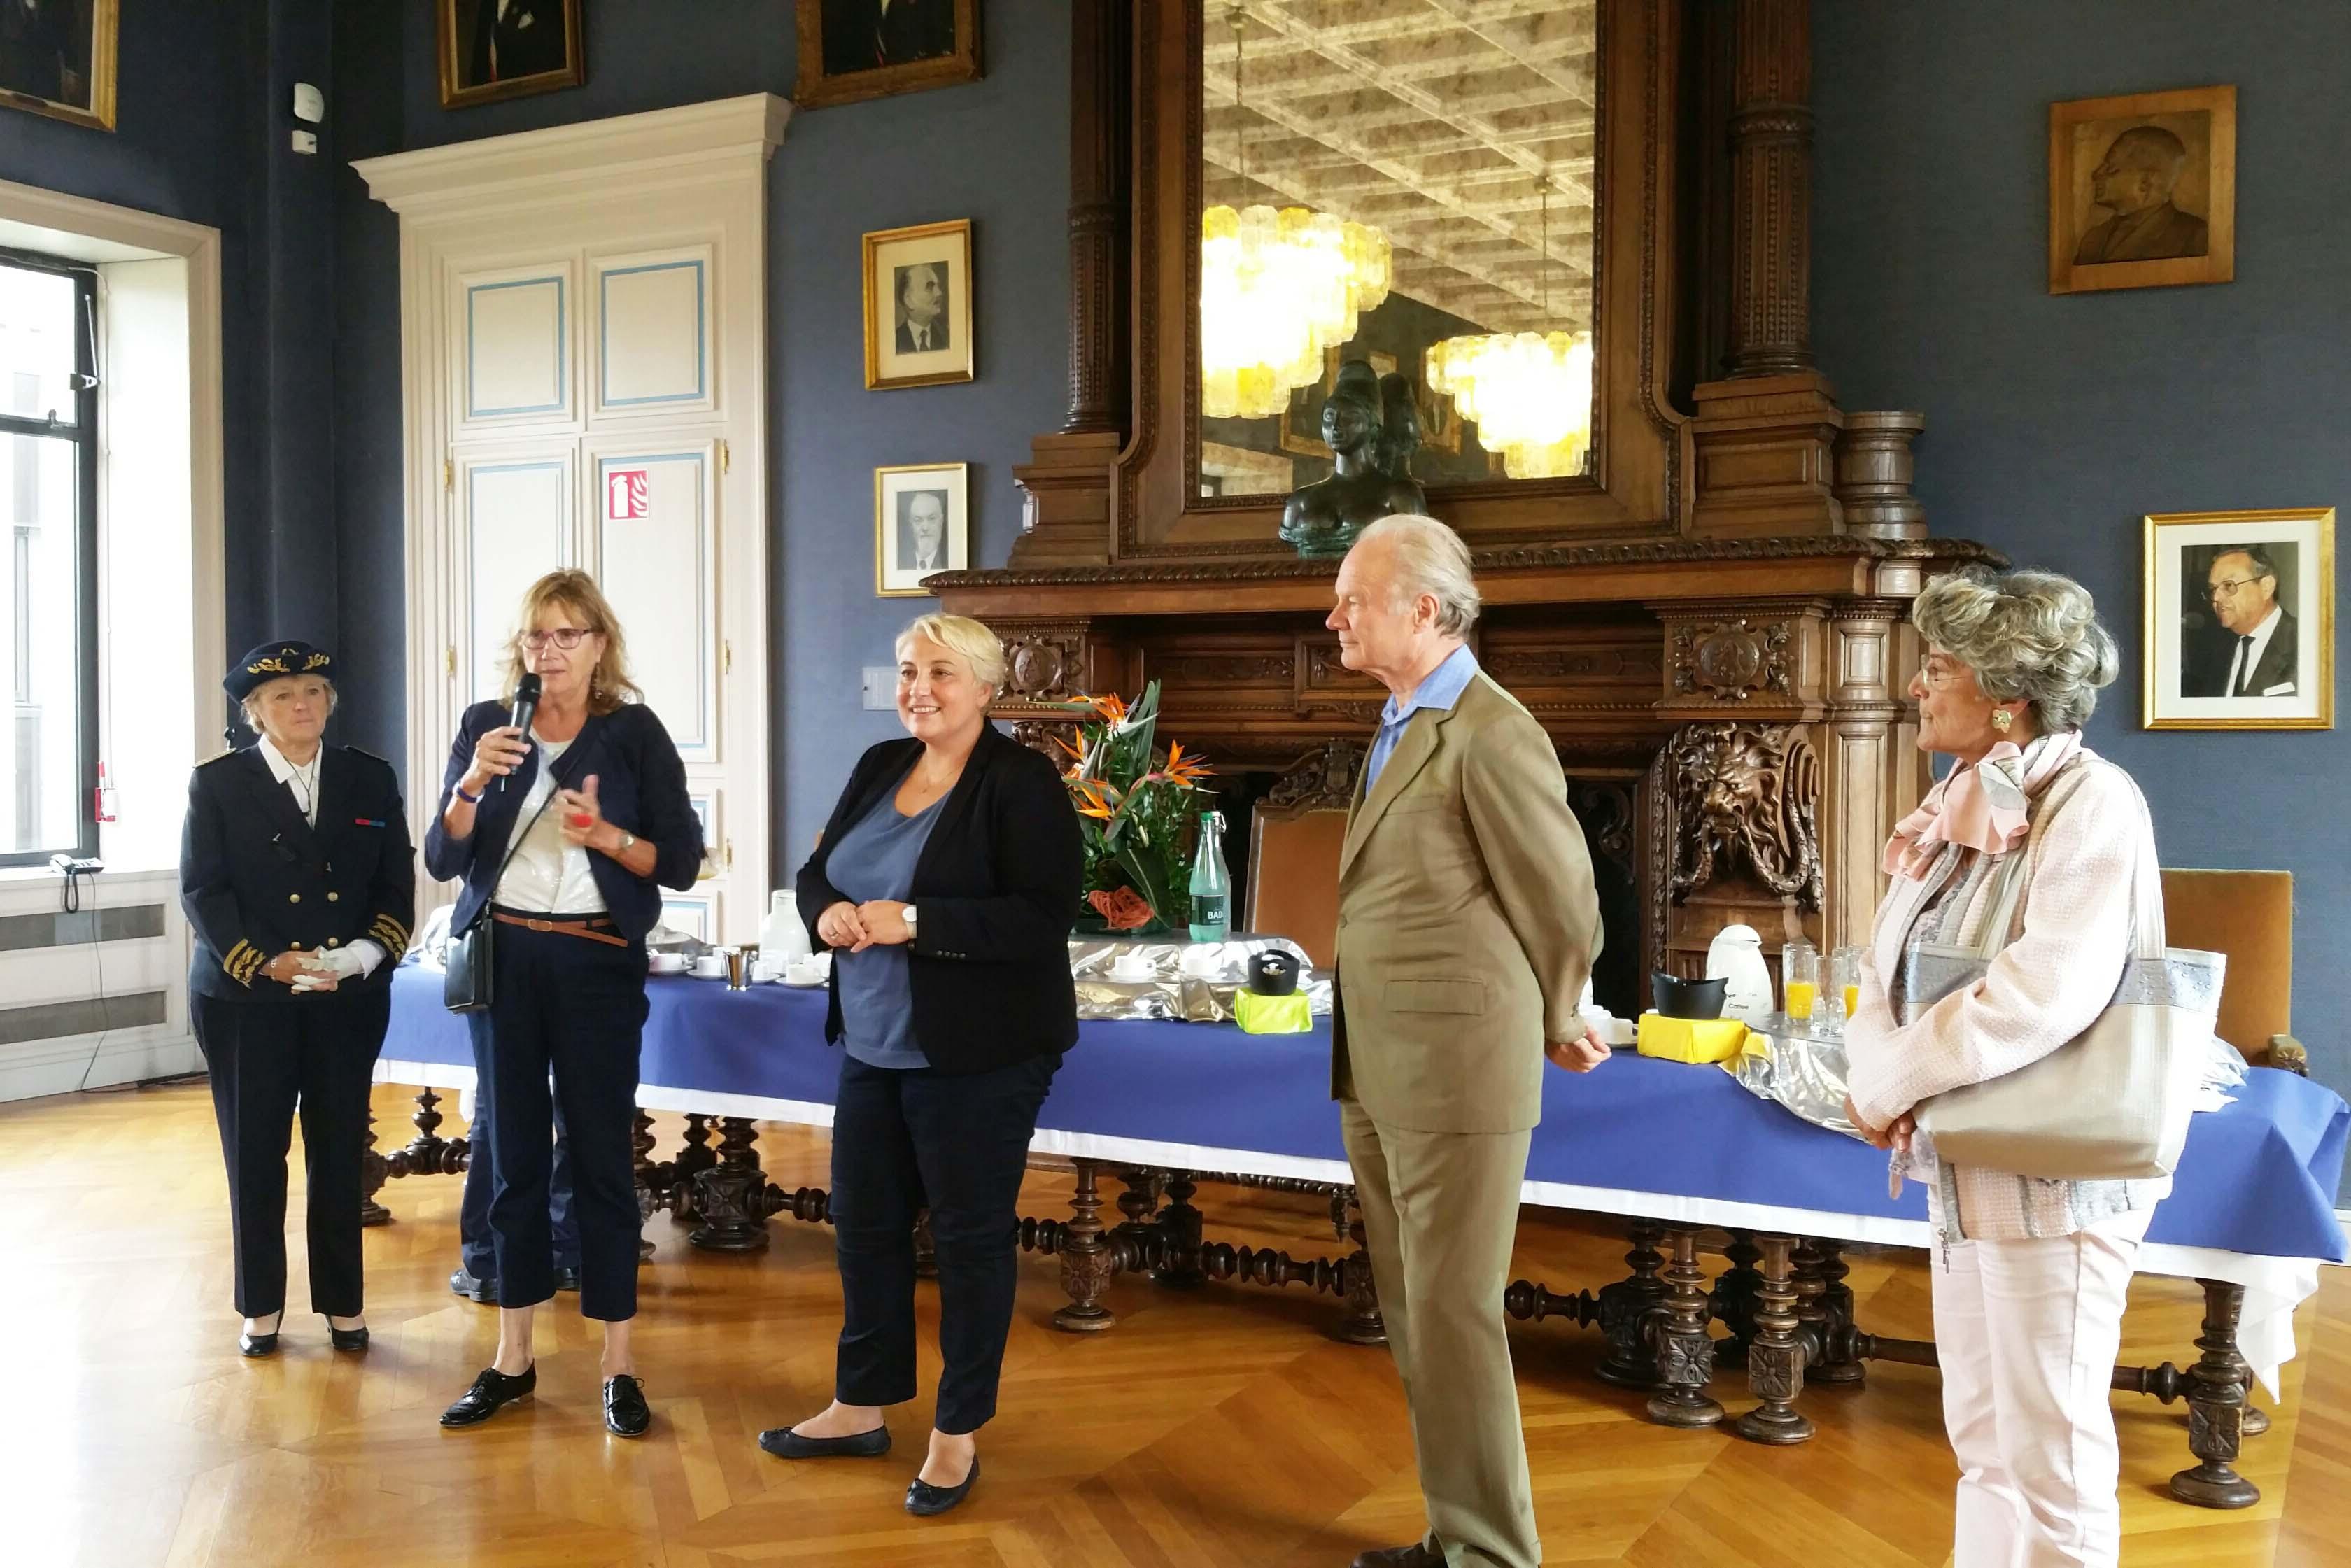 Pascale Boistard rencontre les bénévoles qui luttent contre l'isolement social